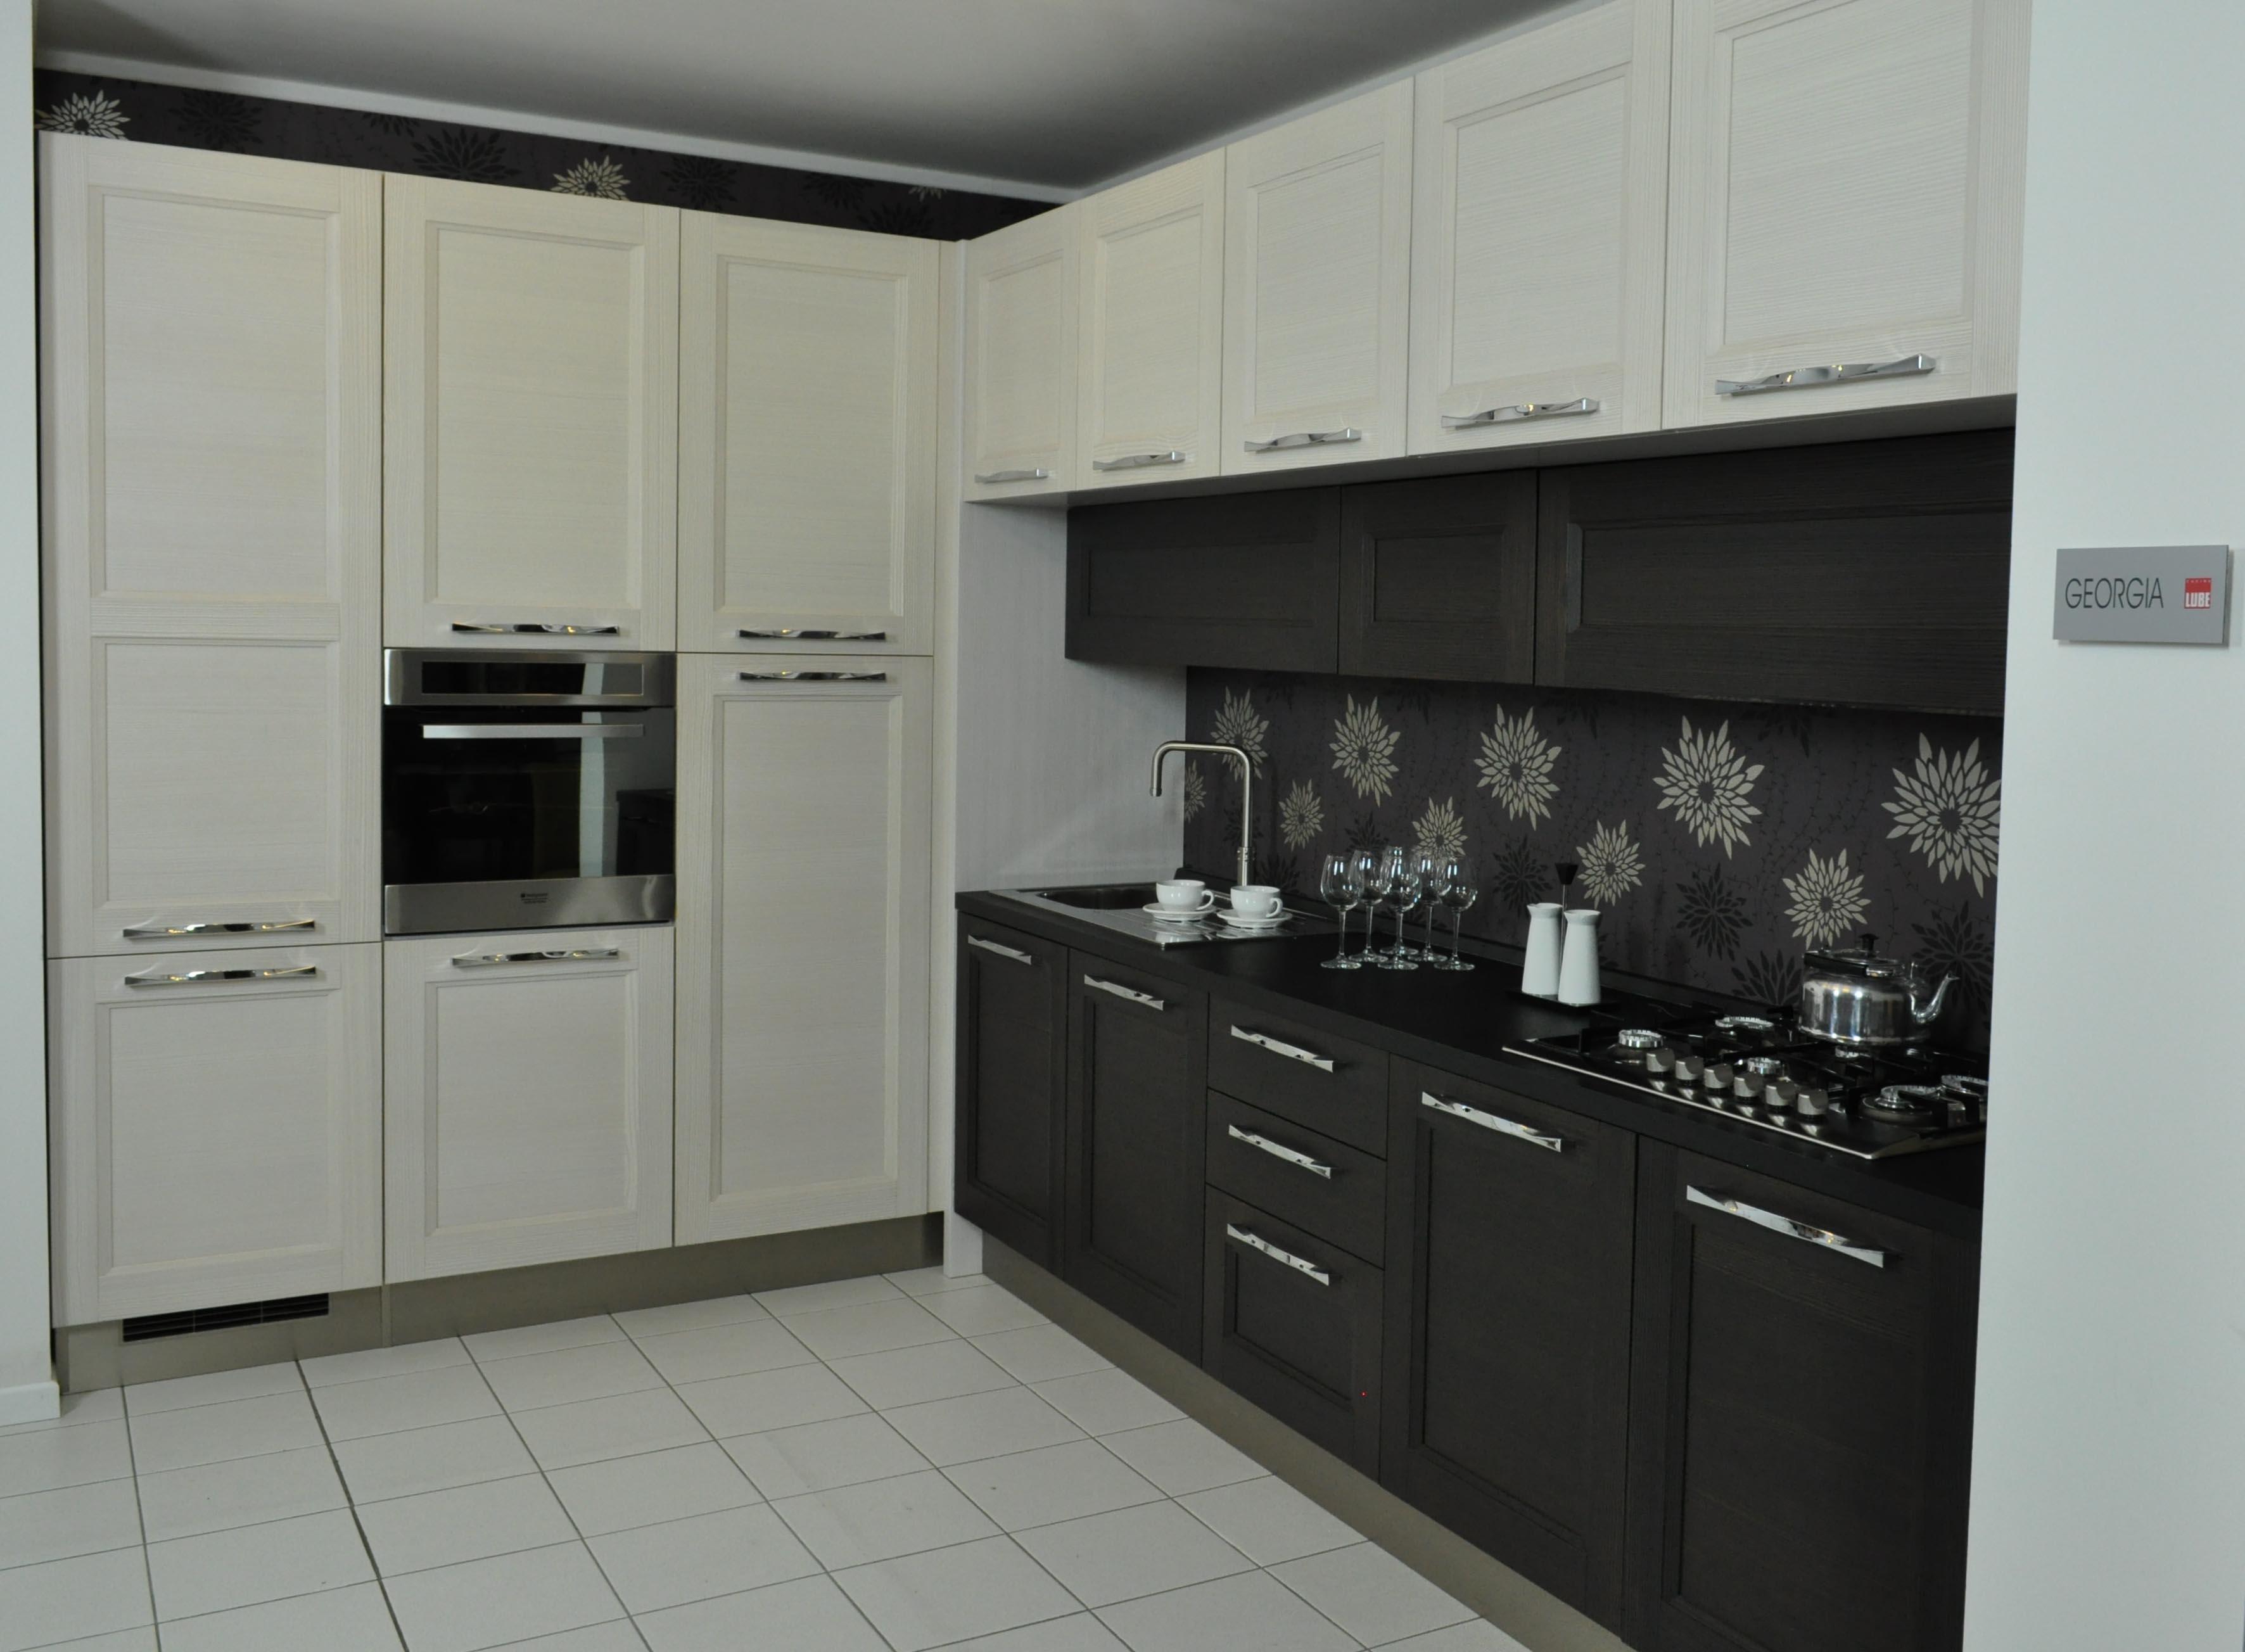 Cucina lube modello georgia completa di elettrodomestici e - Cucine lube prezzi forum ...